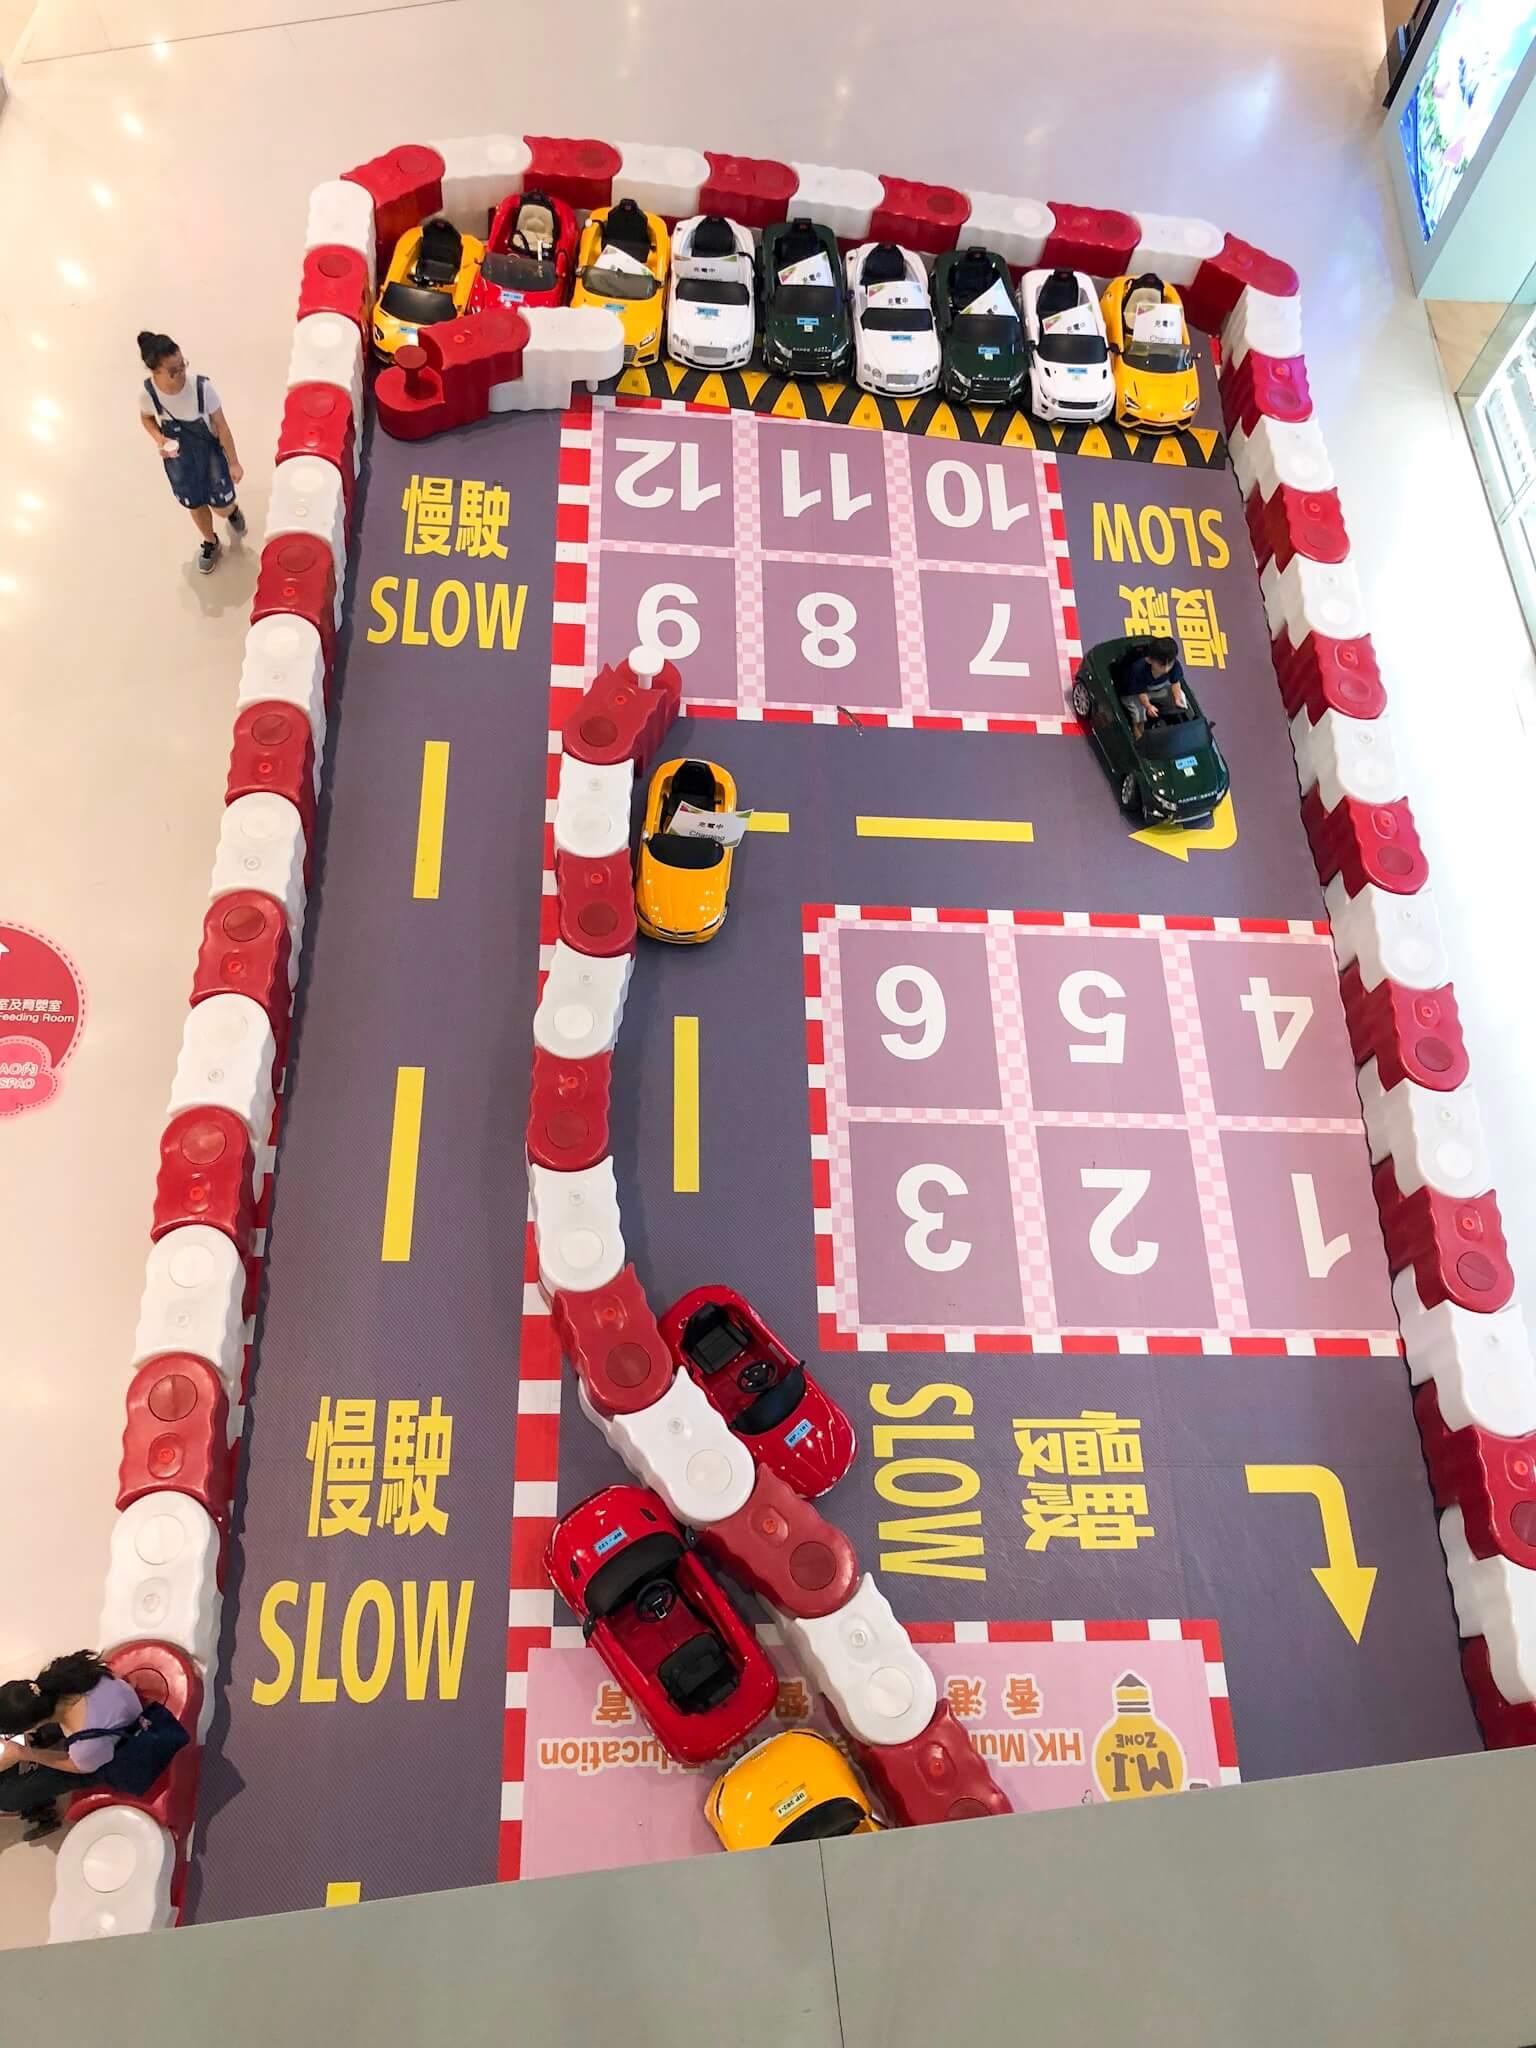 Dpark car track